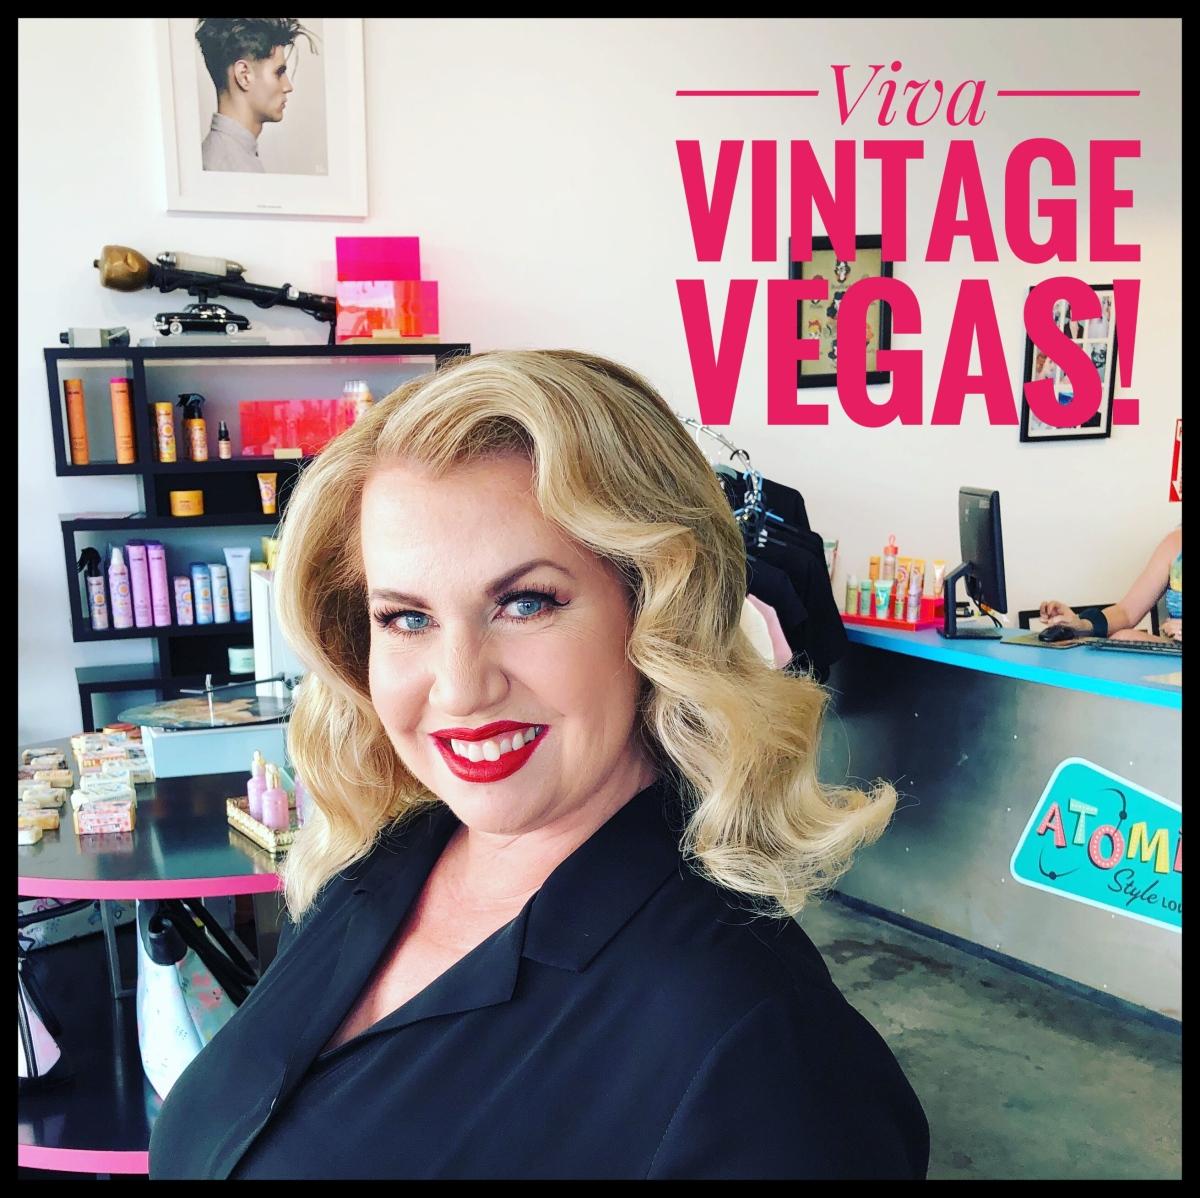 Viva Vintage Vegas!